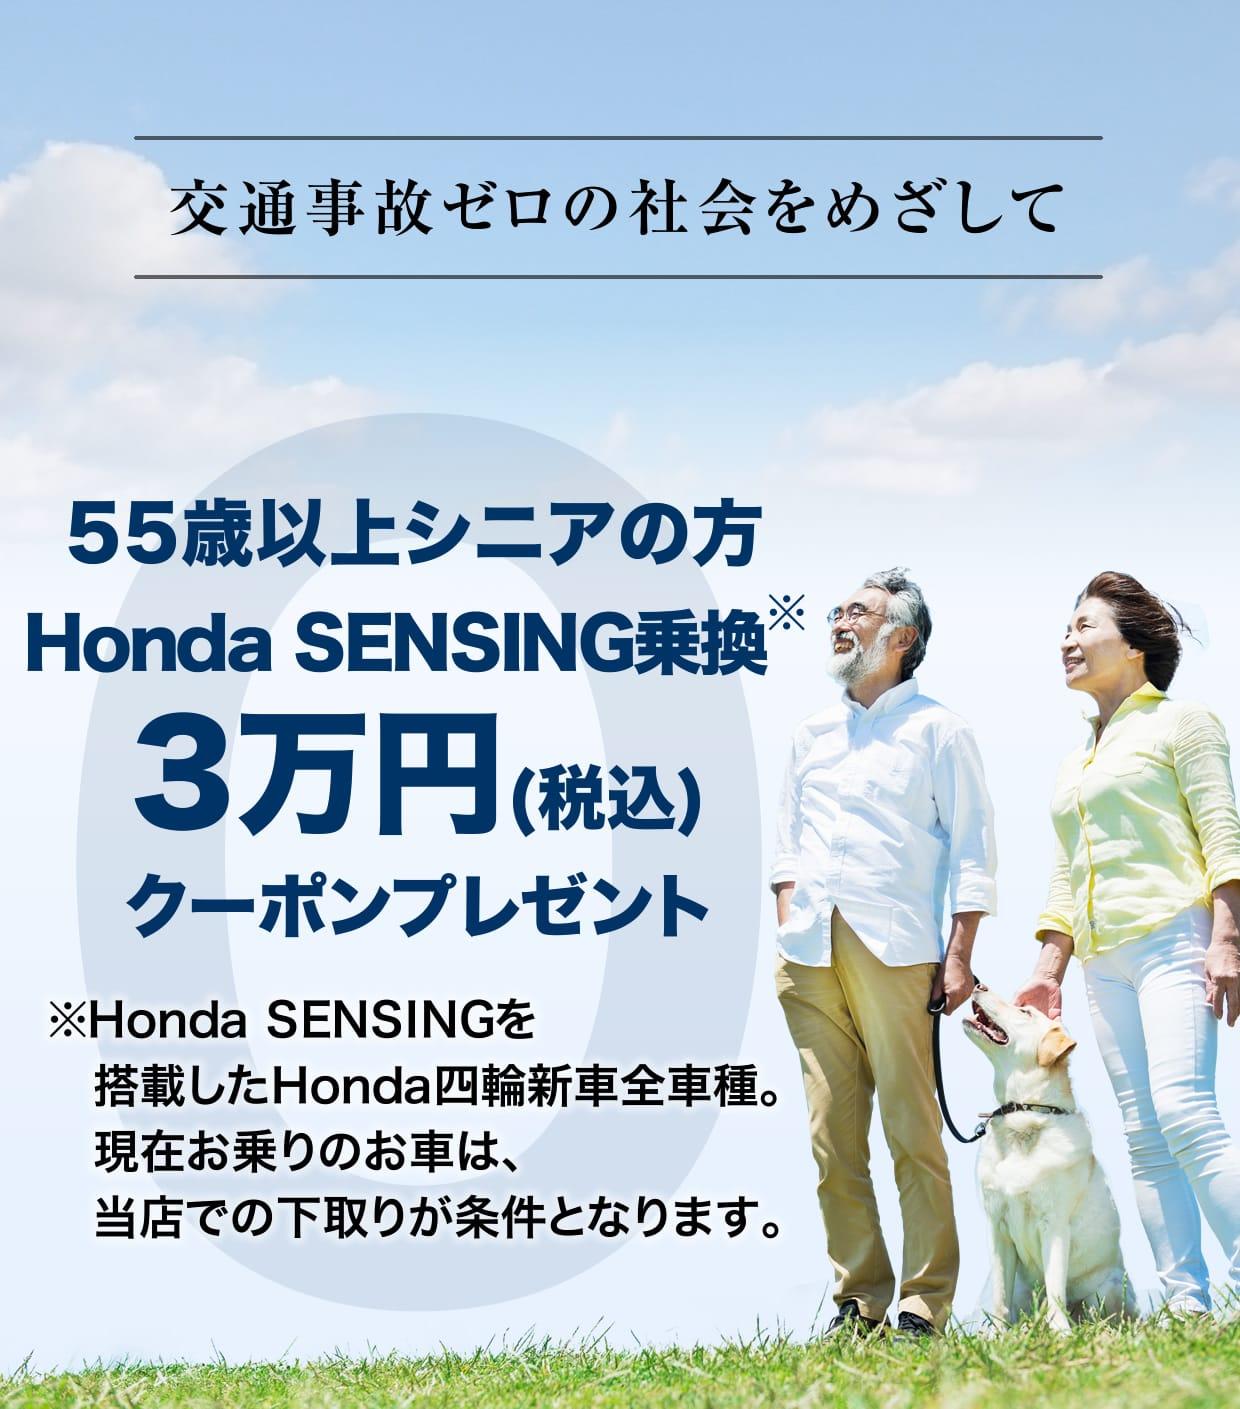 55歳以上シニアの方Honda SENSING乗換3万円(税込)クーポンプレゼント